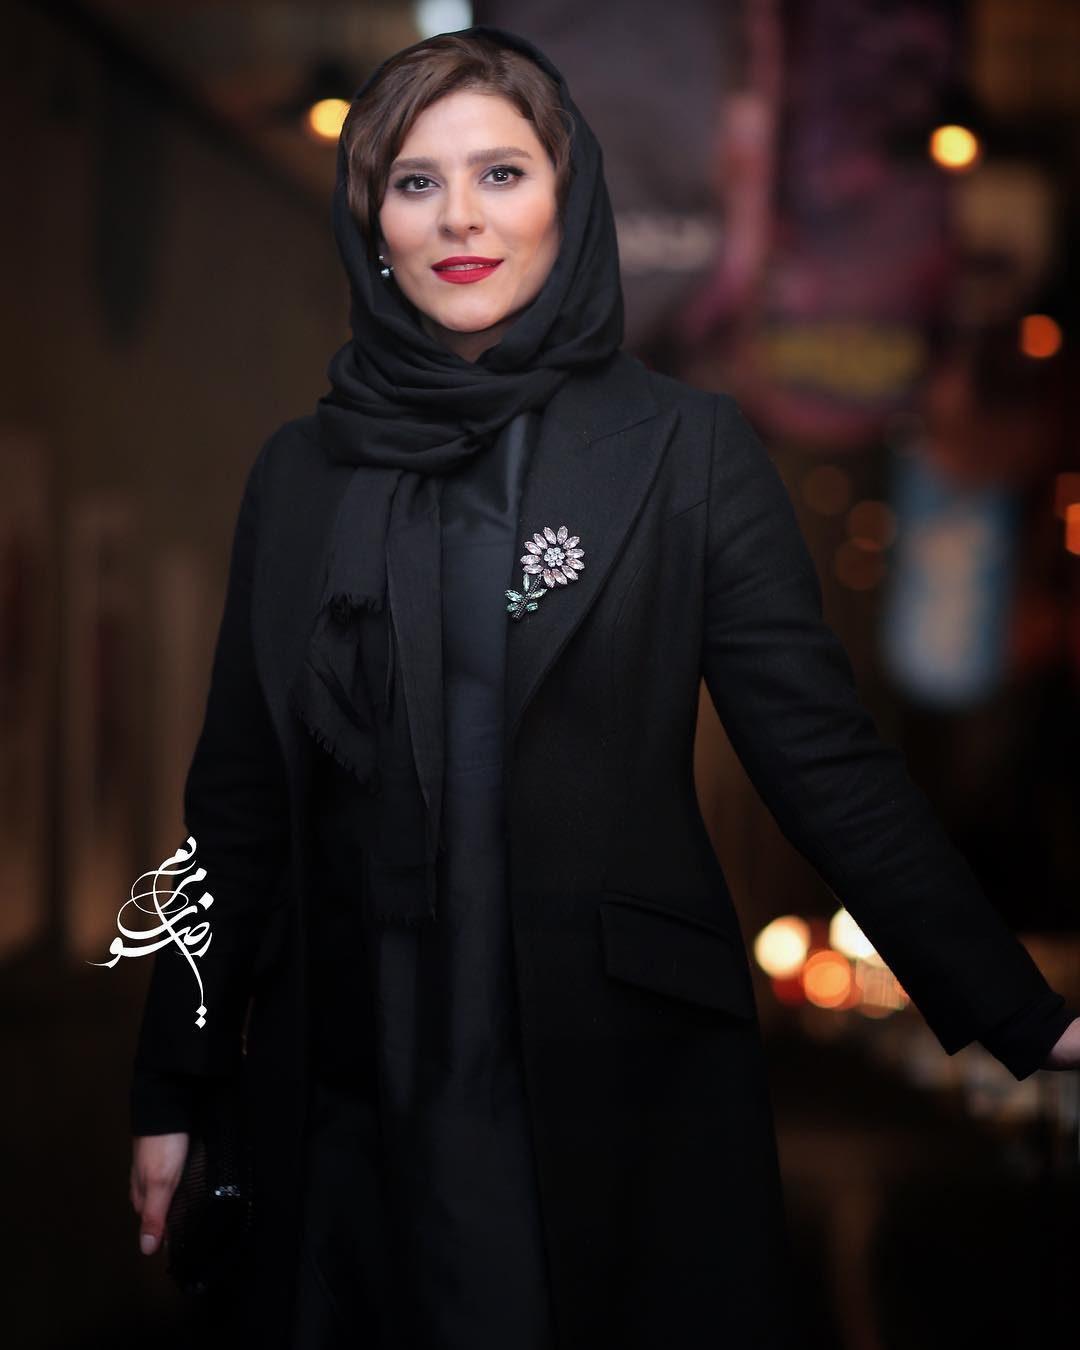 تیپ سحر دولتشاهی در جشنواره فیلم فجر 96